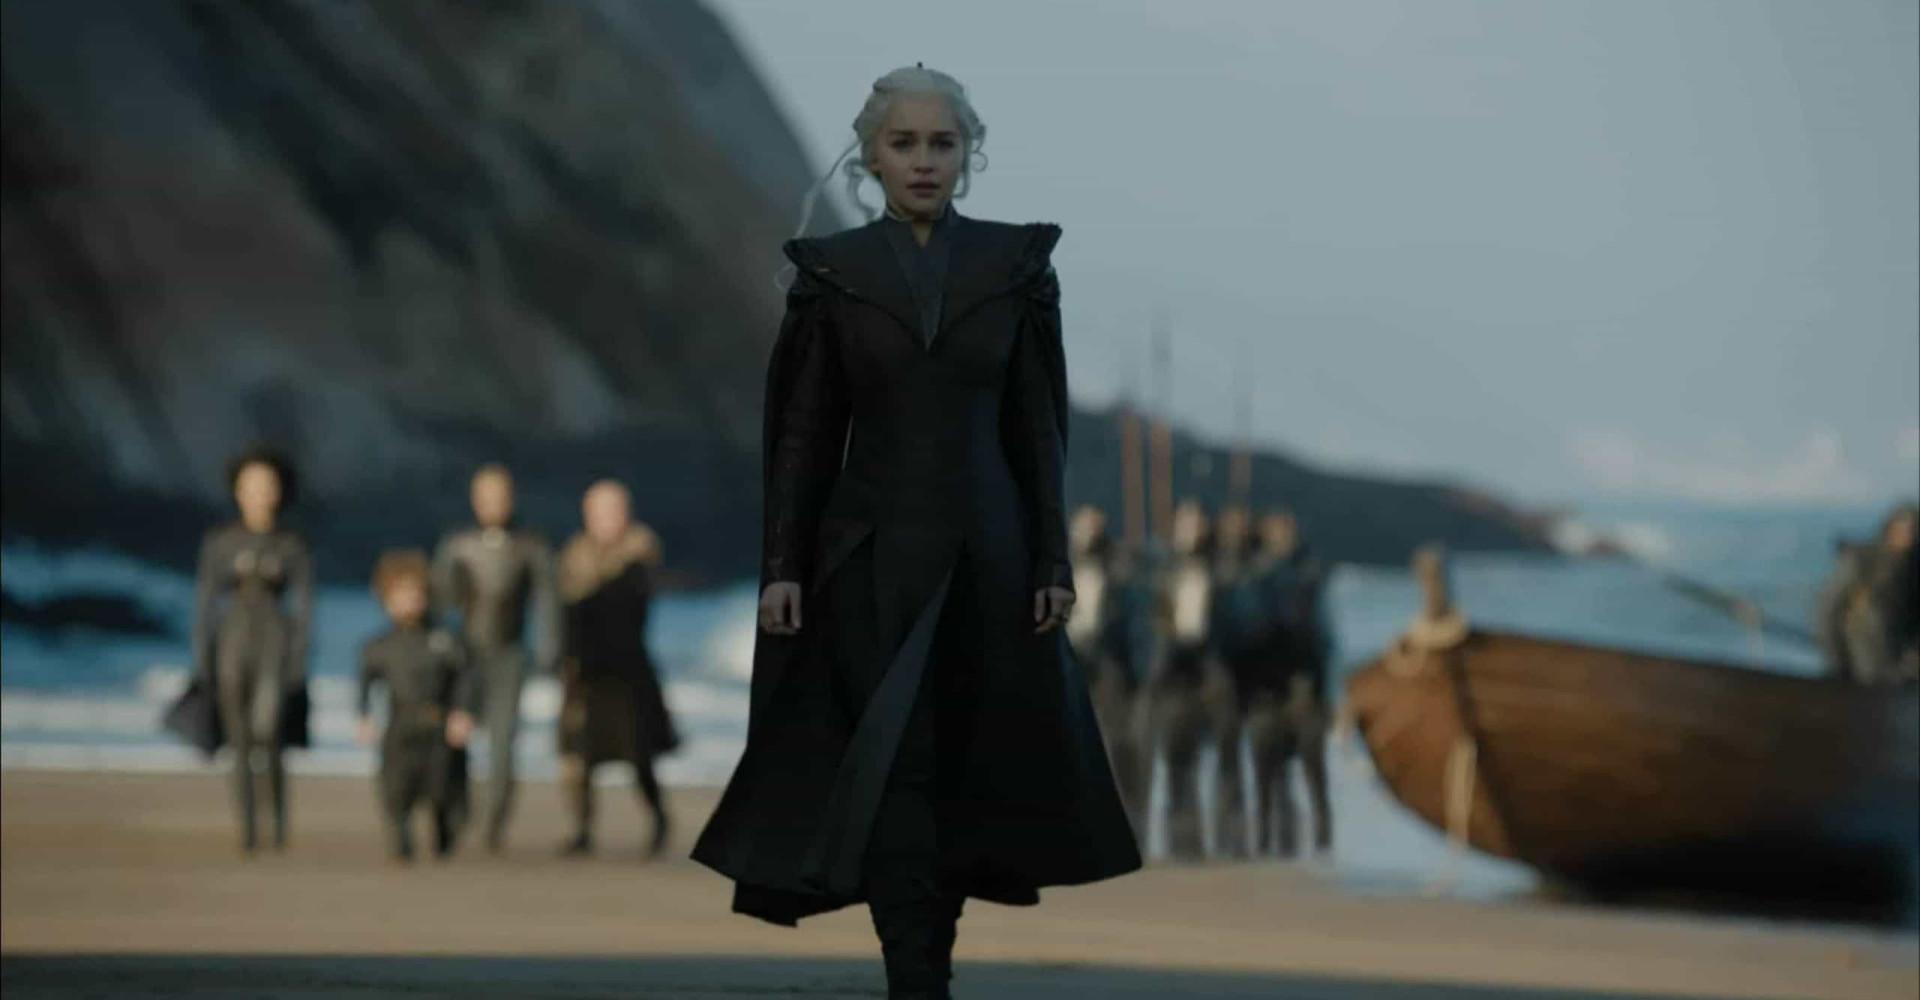 """""""Game of Thrones"""": découvrez la véritable taille des acteurs"""